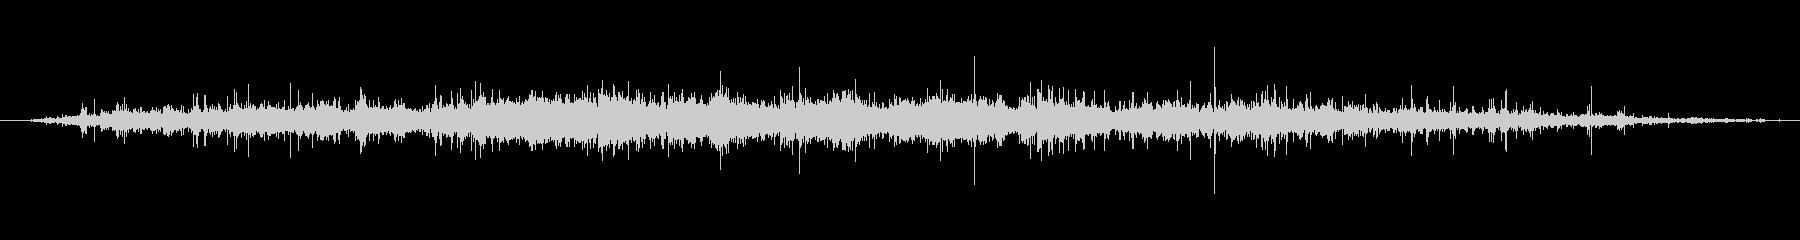 植生 木小葉ラッスルミディアム03の未再生の波形